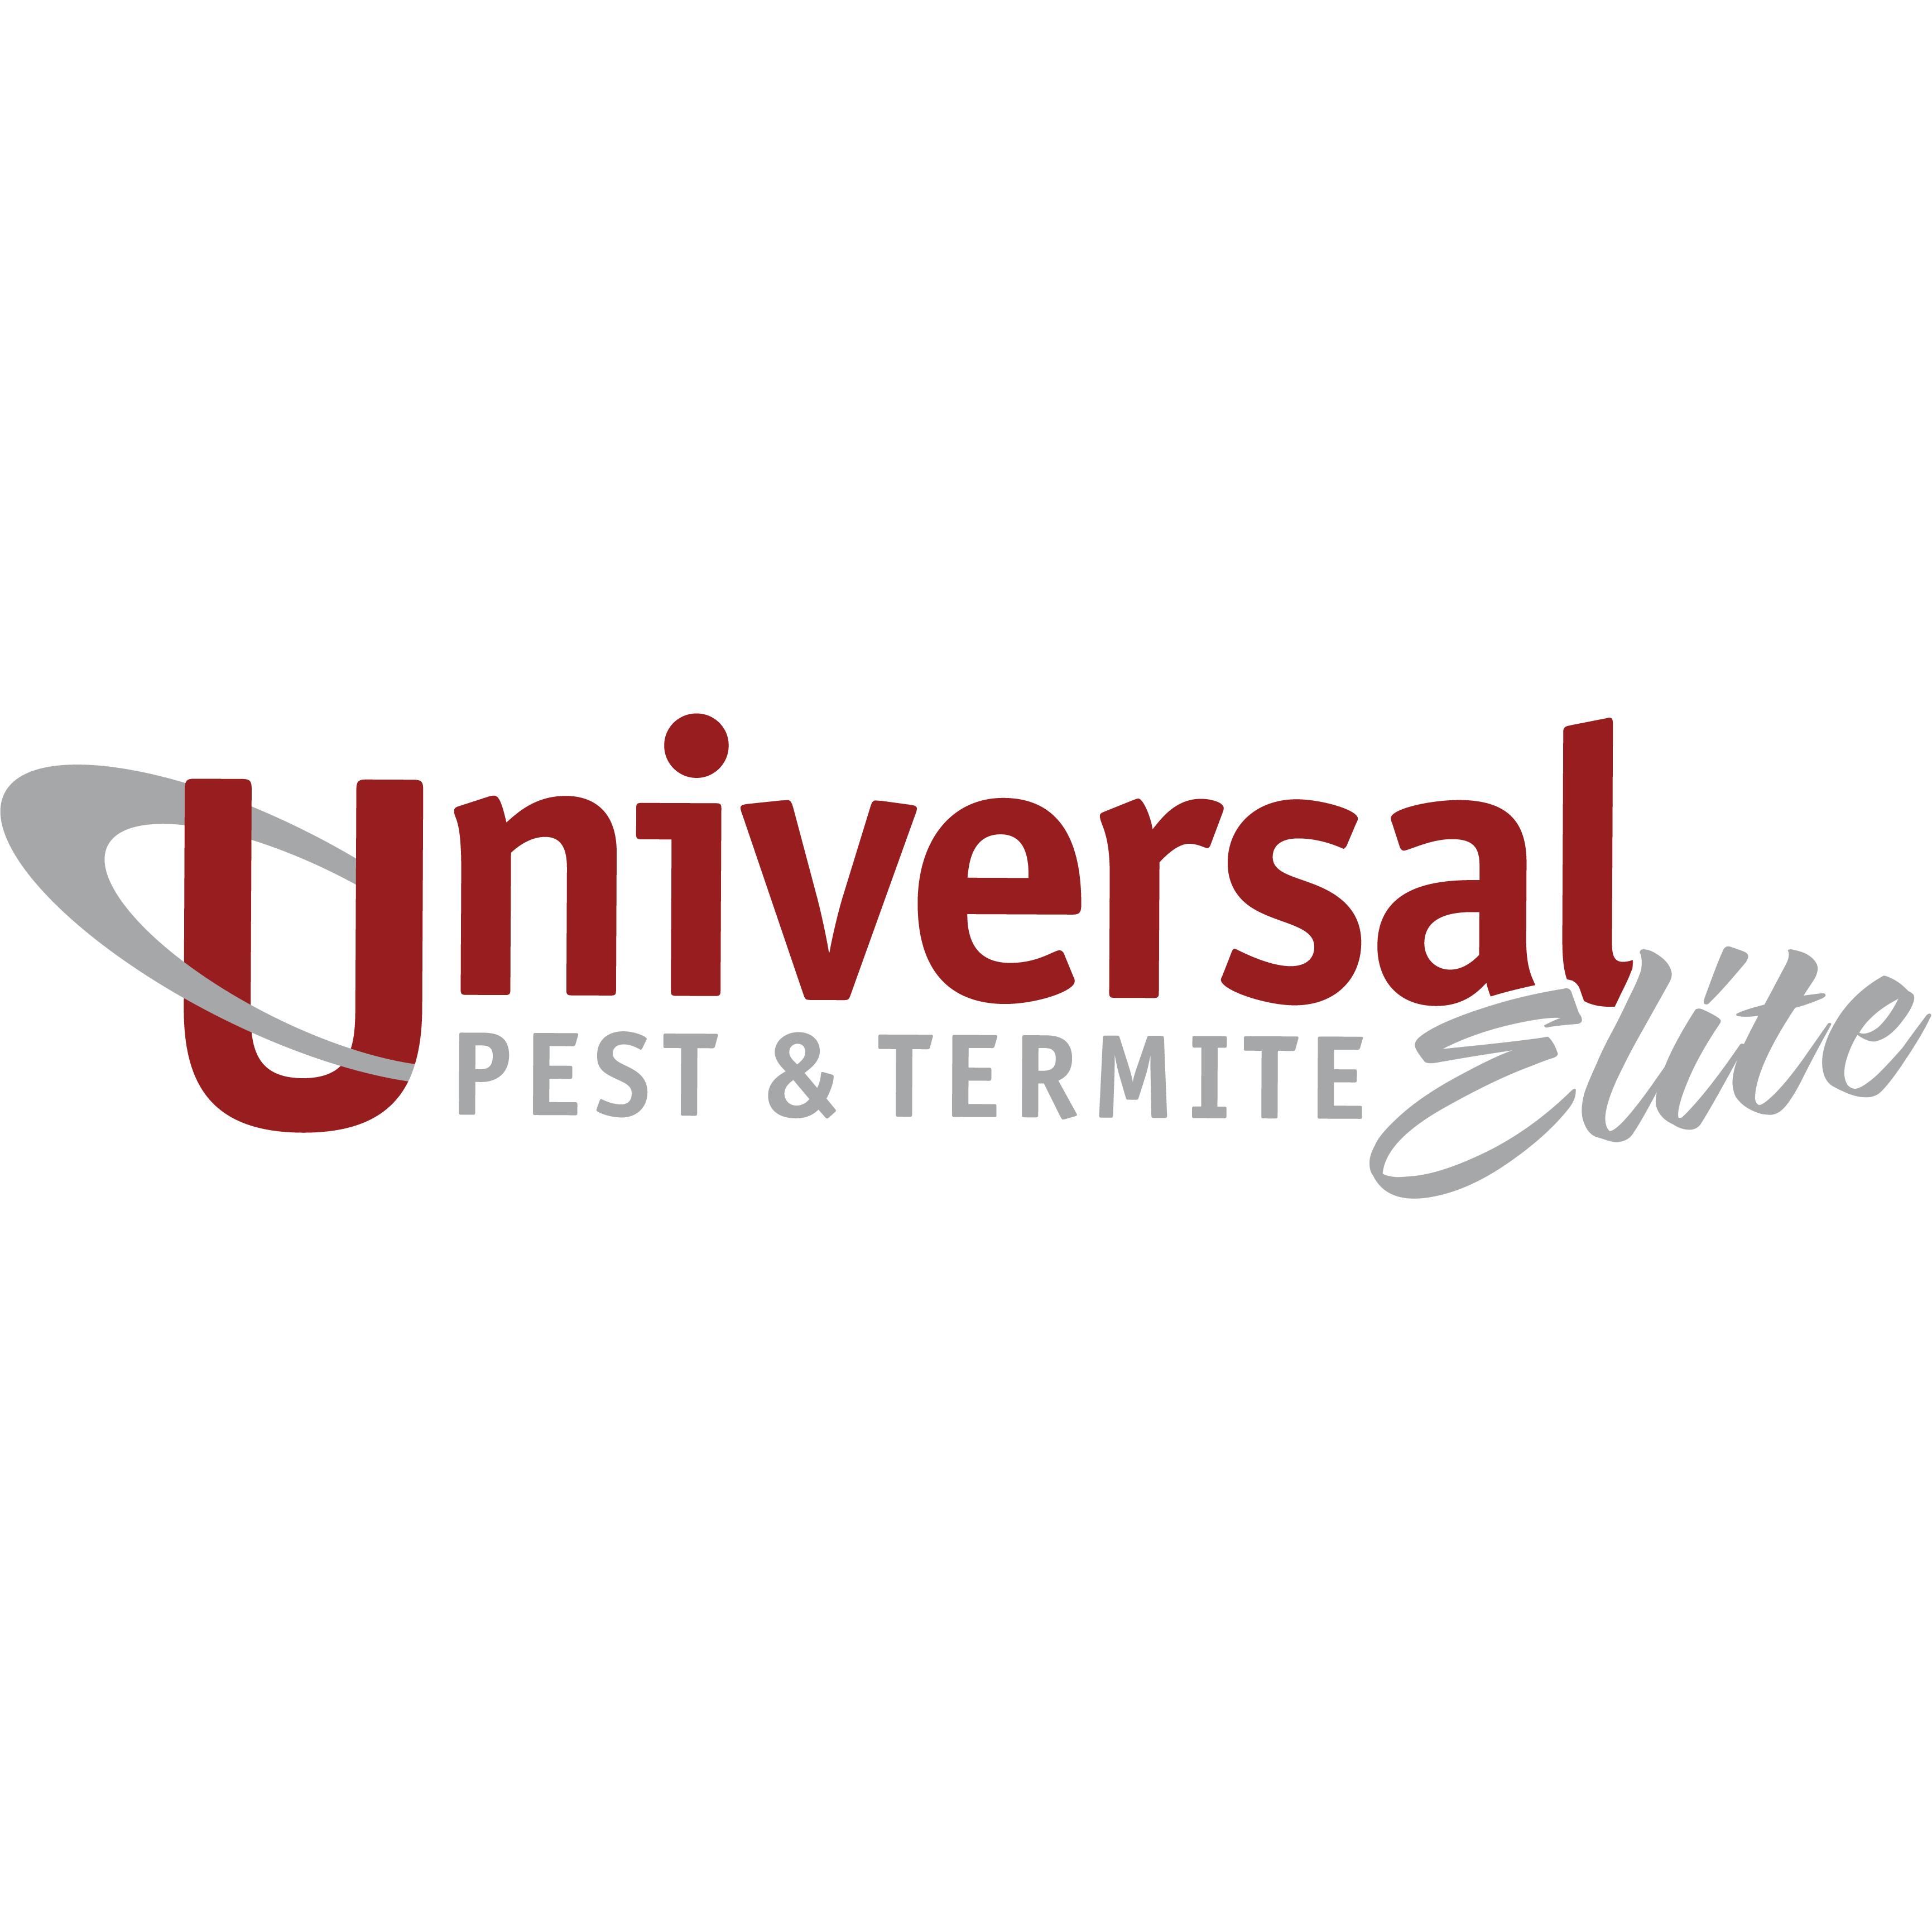 Universal Pest & Termite Elite